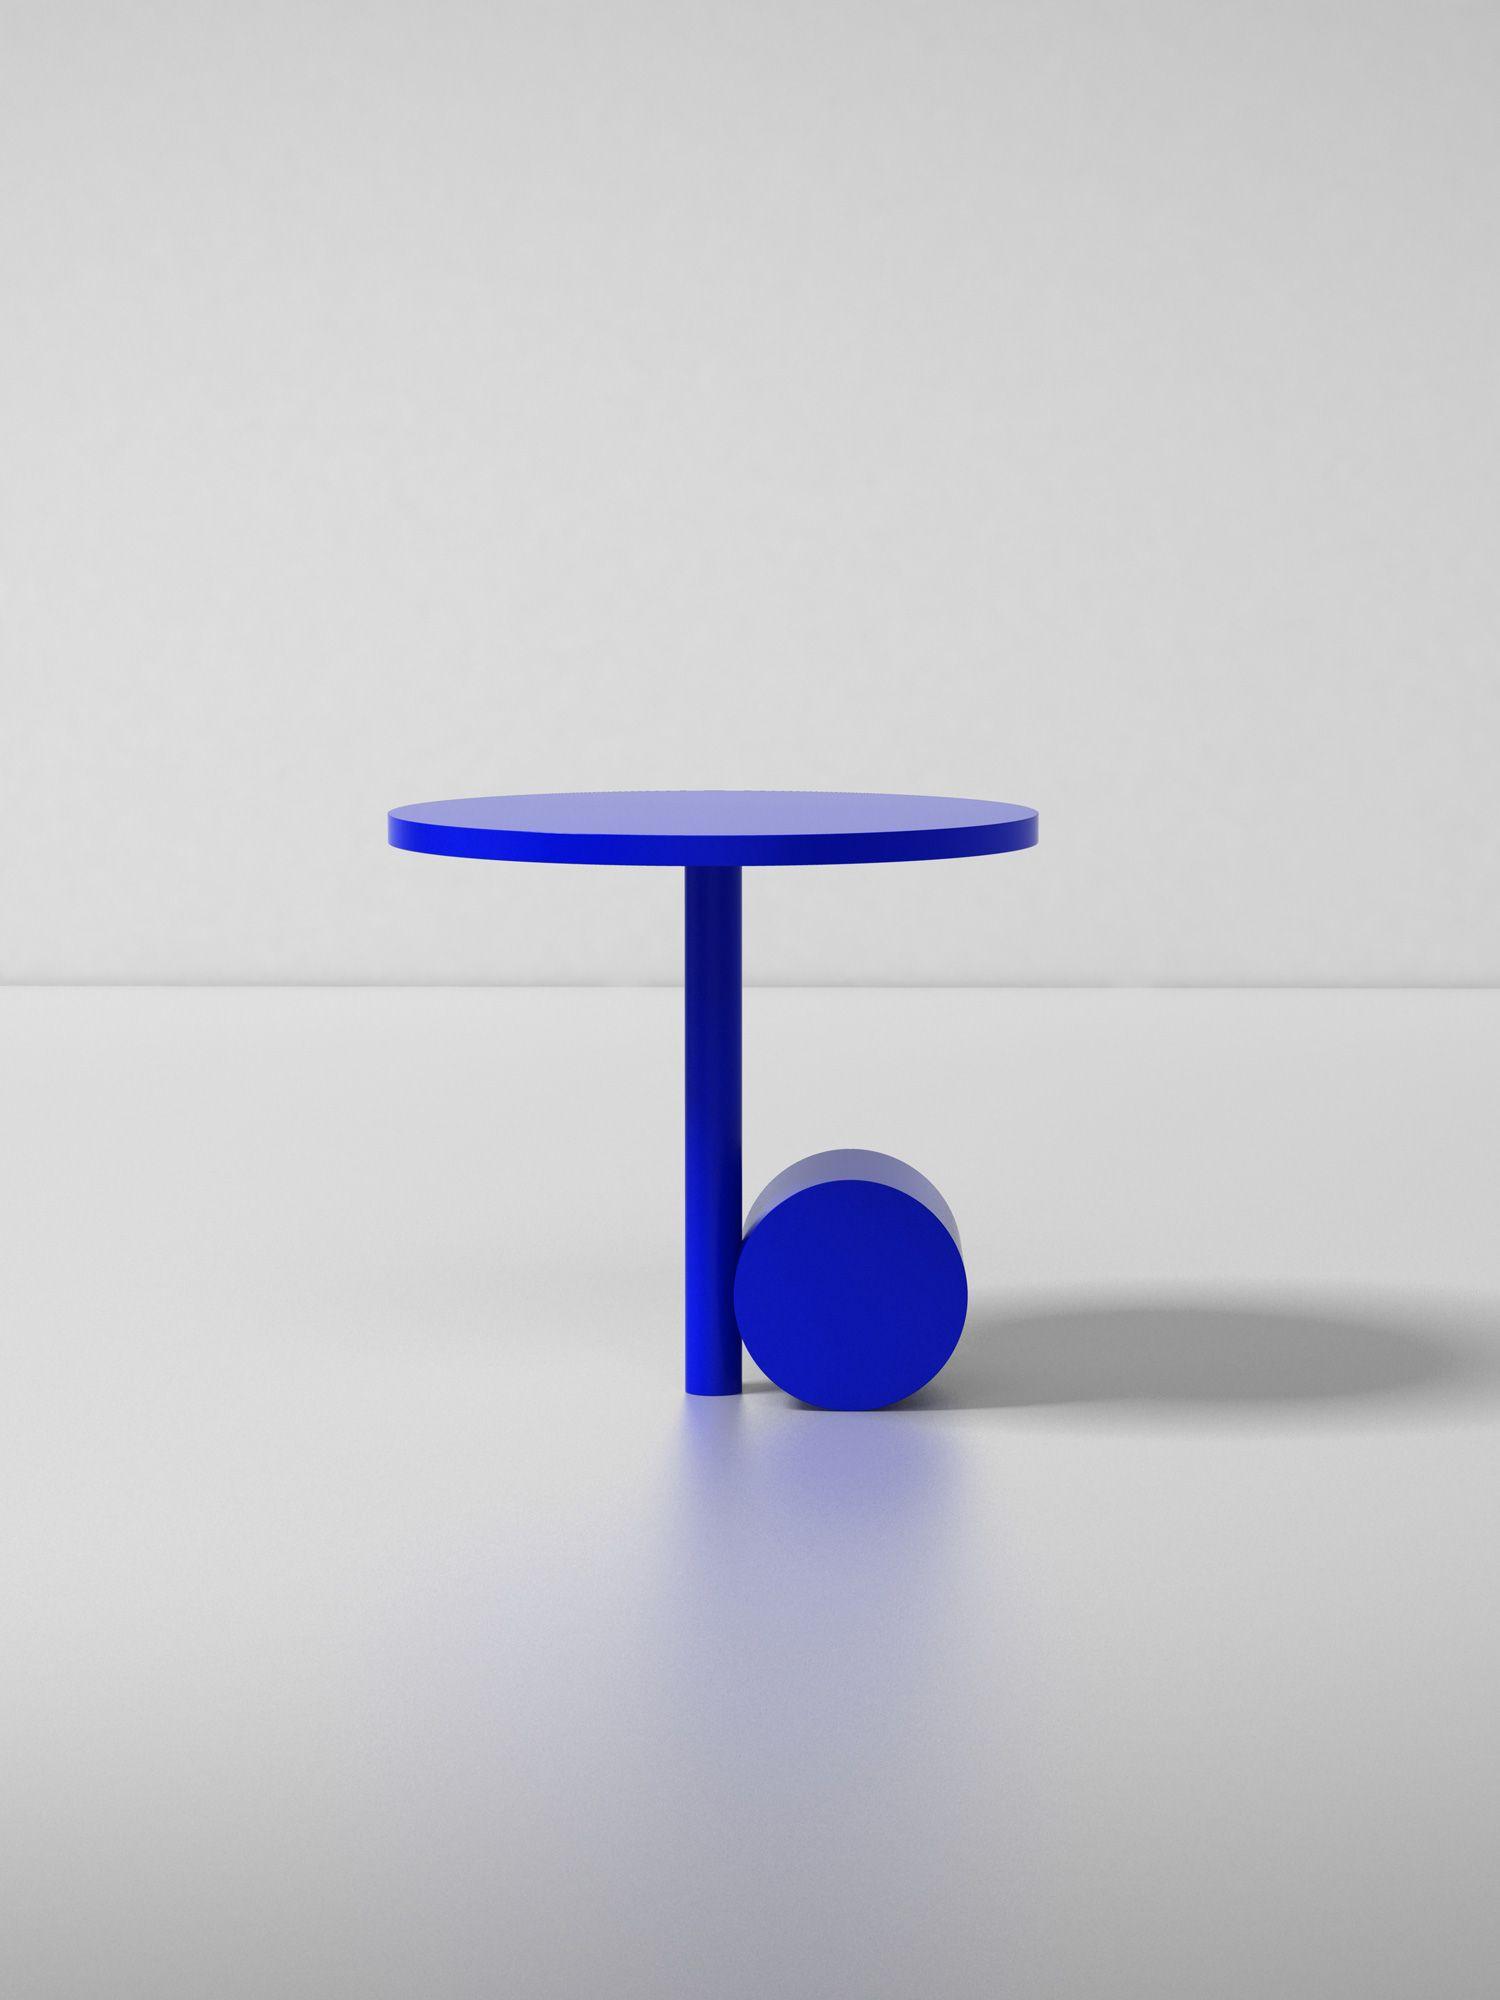 cc75abf9431ea05f0ecb7f9f48e0f964 Incroyable De Table Basse Le Corbusier Concept